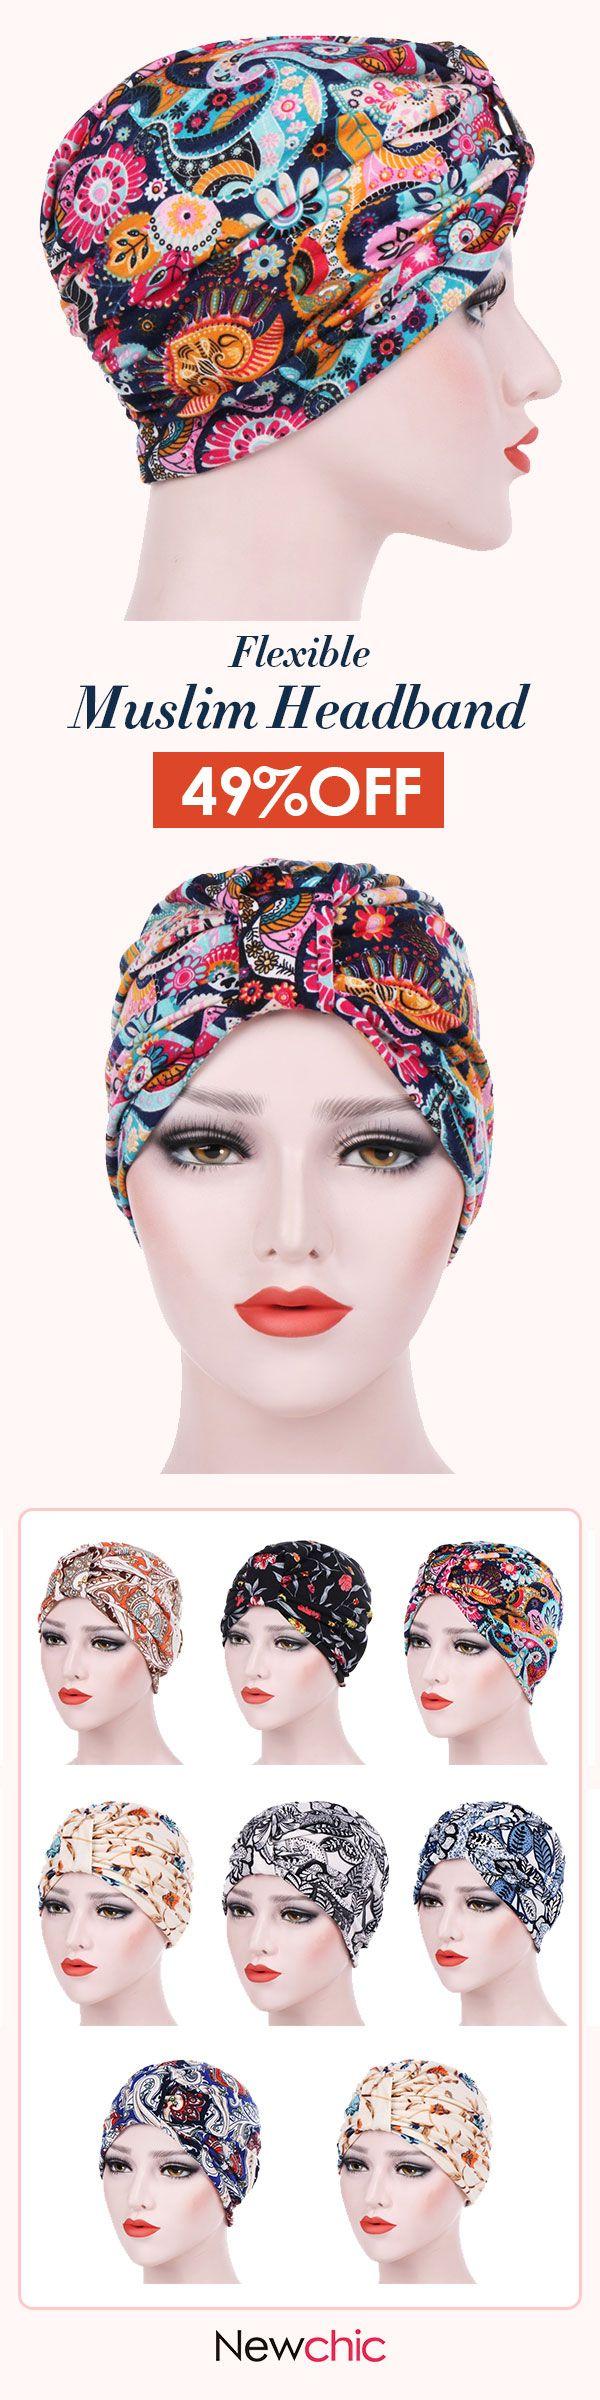 US 7.30 Womens Farmhouse Style Floral Cotton Beanie Hats Casual Flexible  Caps Muslim Headband  floral  cotton  soft  beanie  fashion  turban cf7ee660baa0